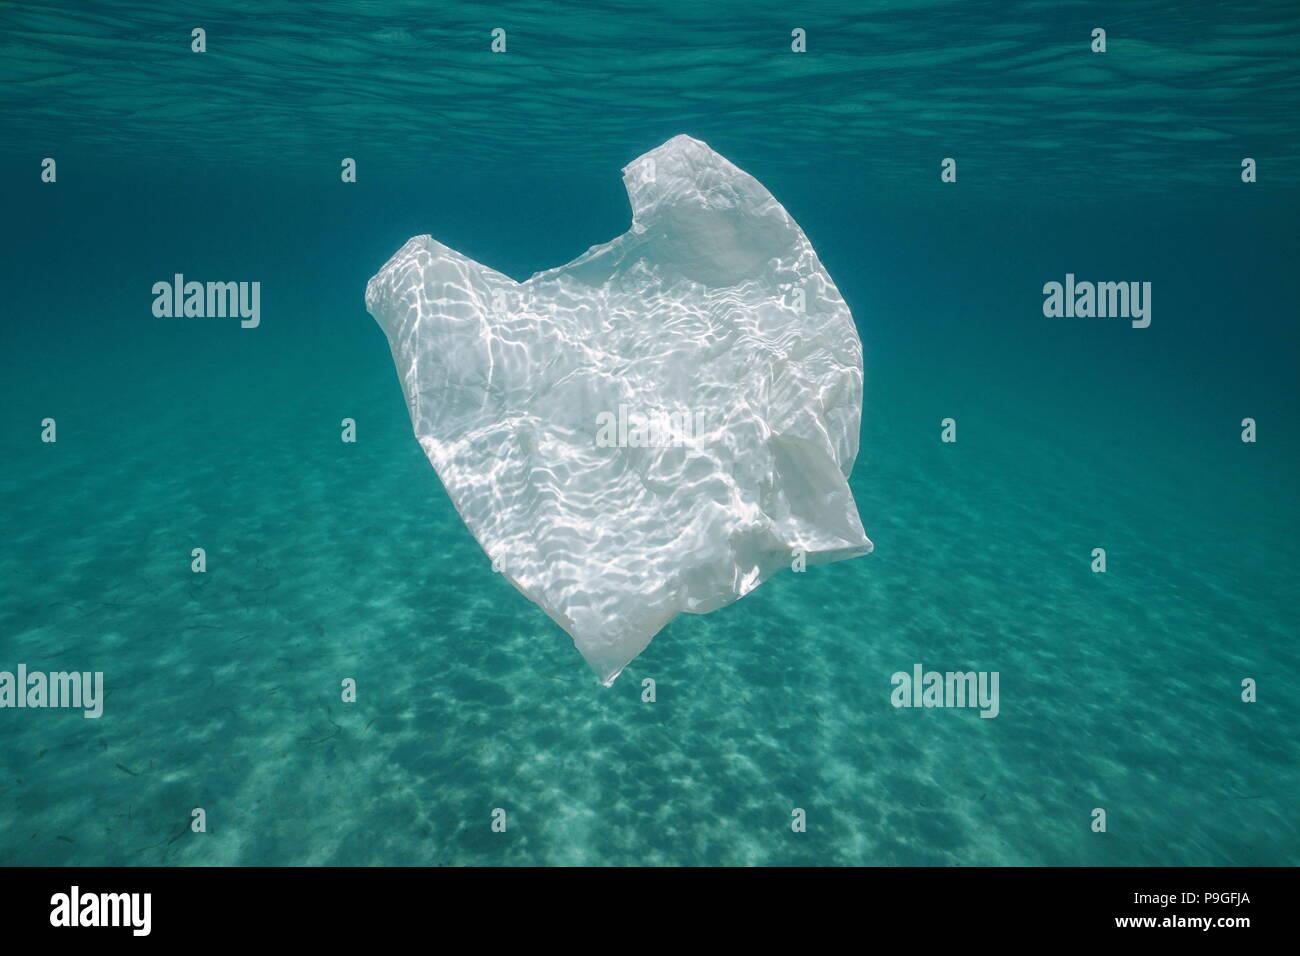 Contaminación subacuática una bolsa de plástico en el mar entre la superficie de agua y fondos arenosos, Mediterráneo, Almería, Andalucía, España Imagen De Stock